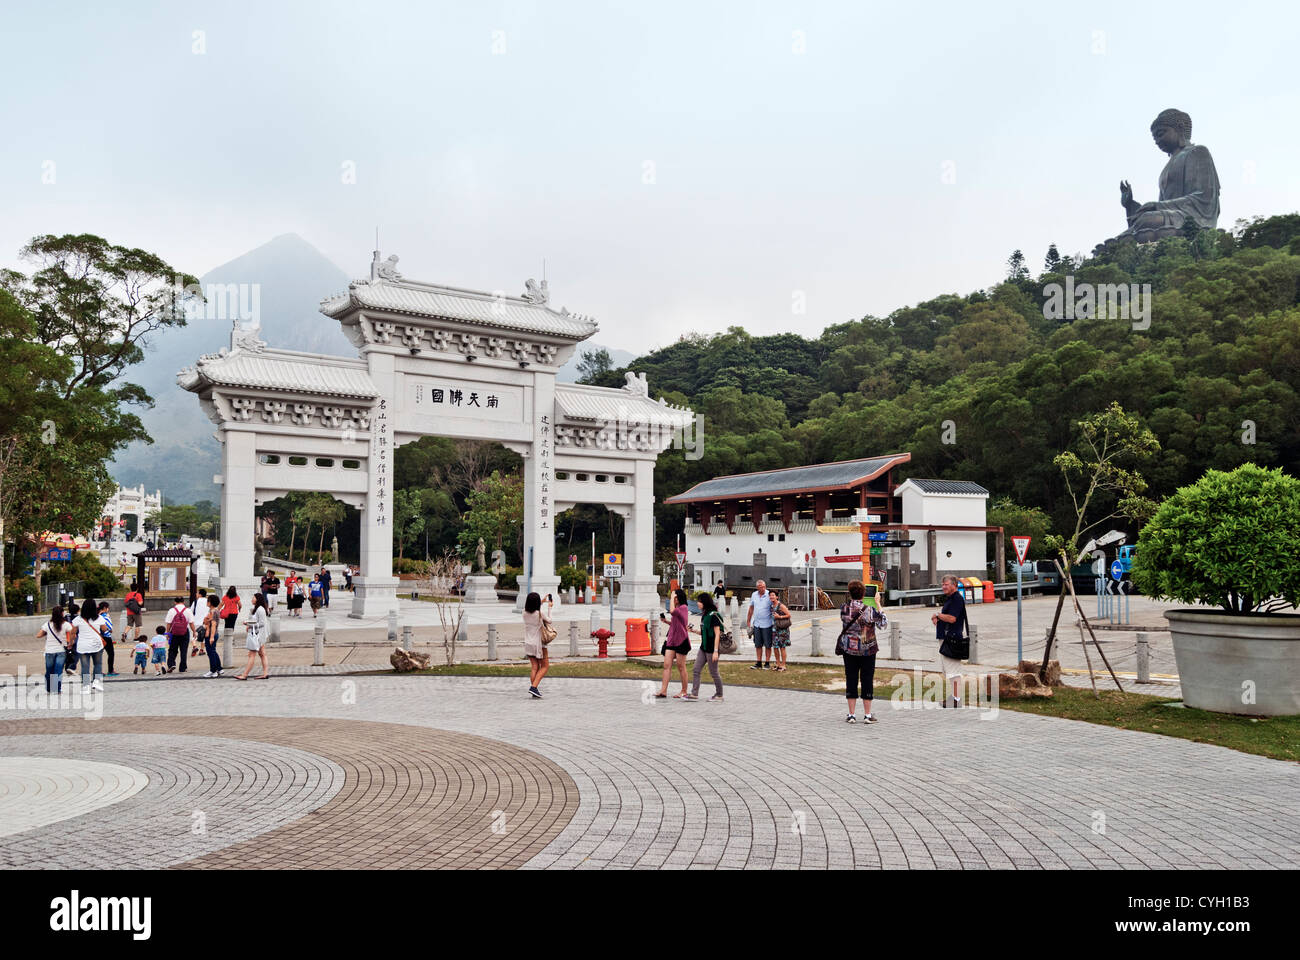 Gateway and approach to Tian Tan Buddha, Lantau Island, Hong Kong - Stock Image